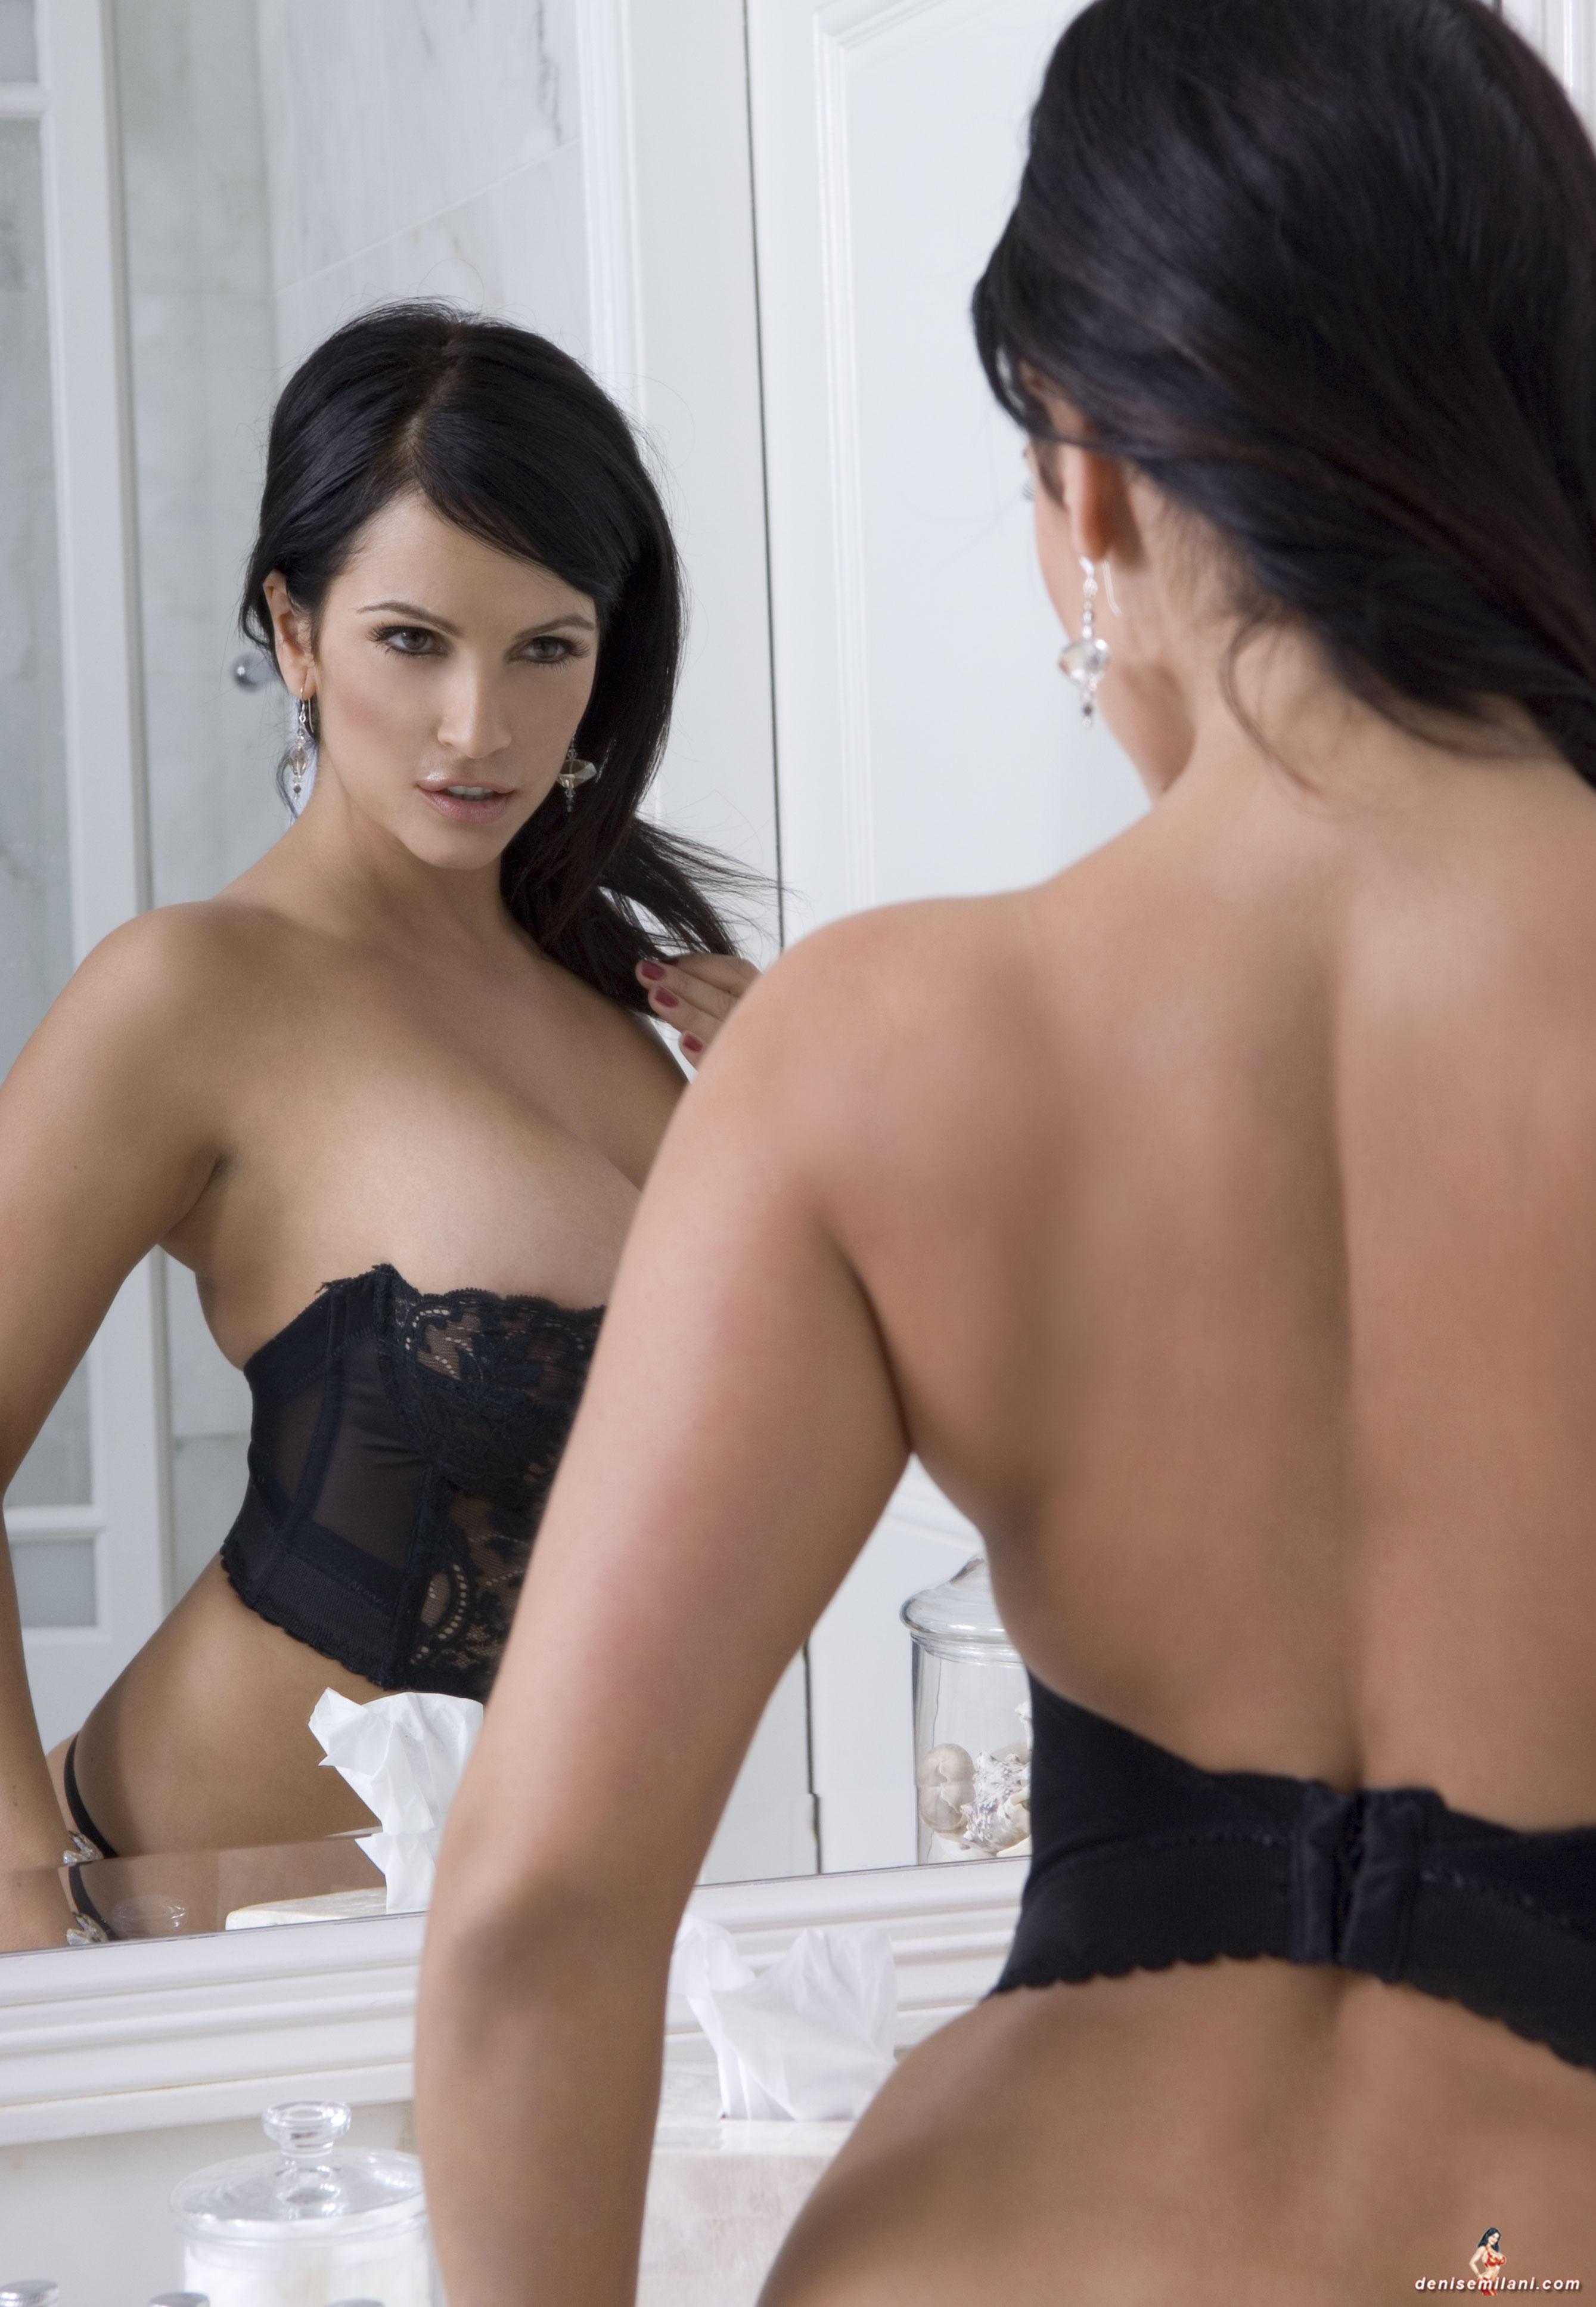 Denise Milani | Black lingerie